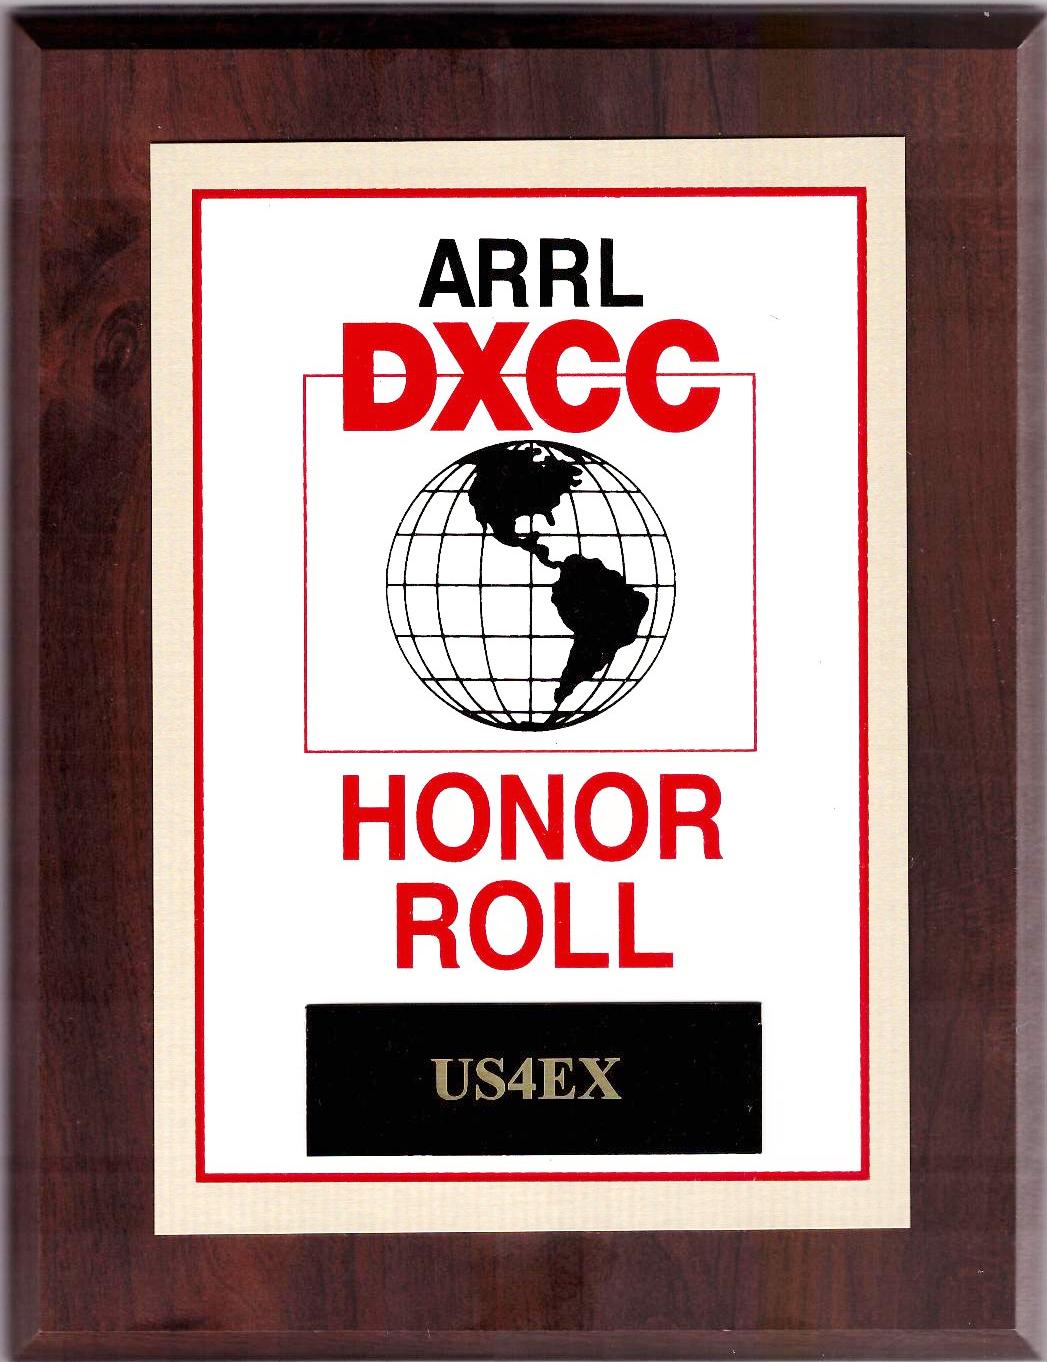 ARRL DXCC HR US4EX